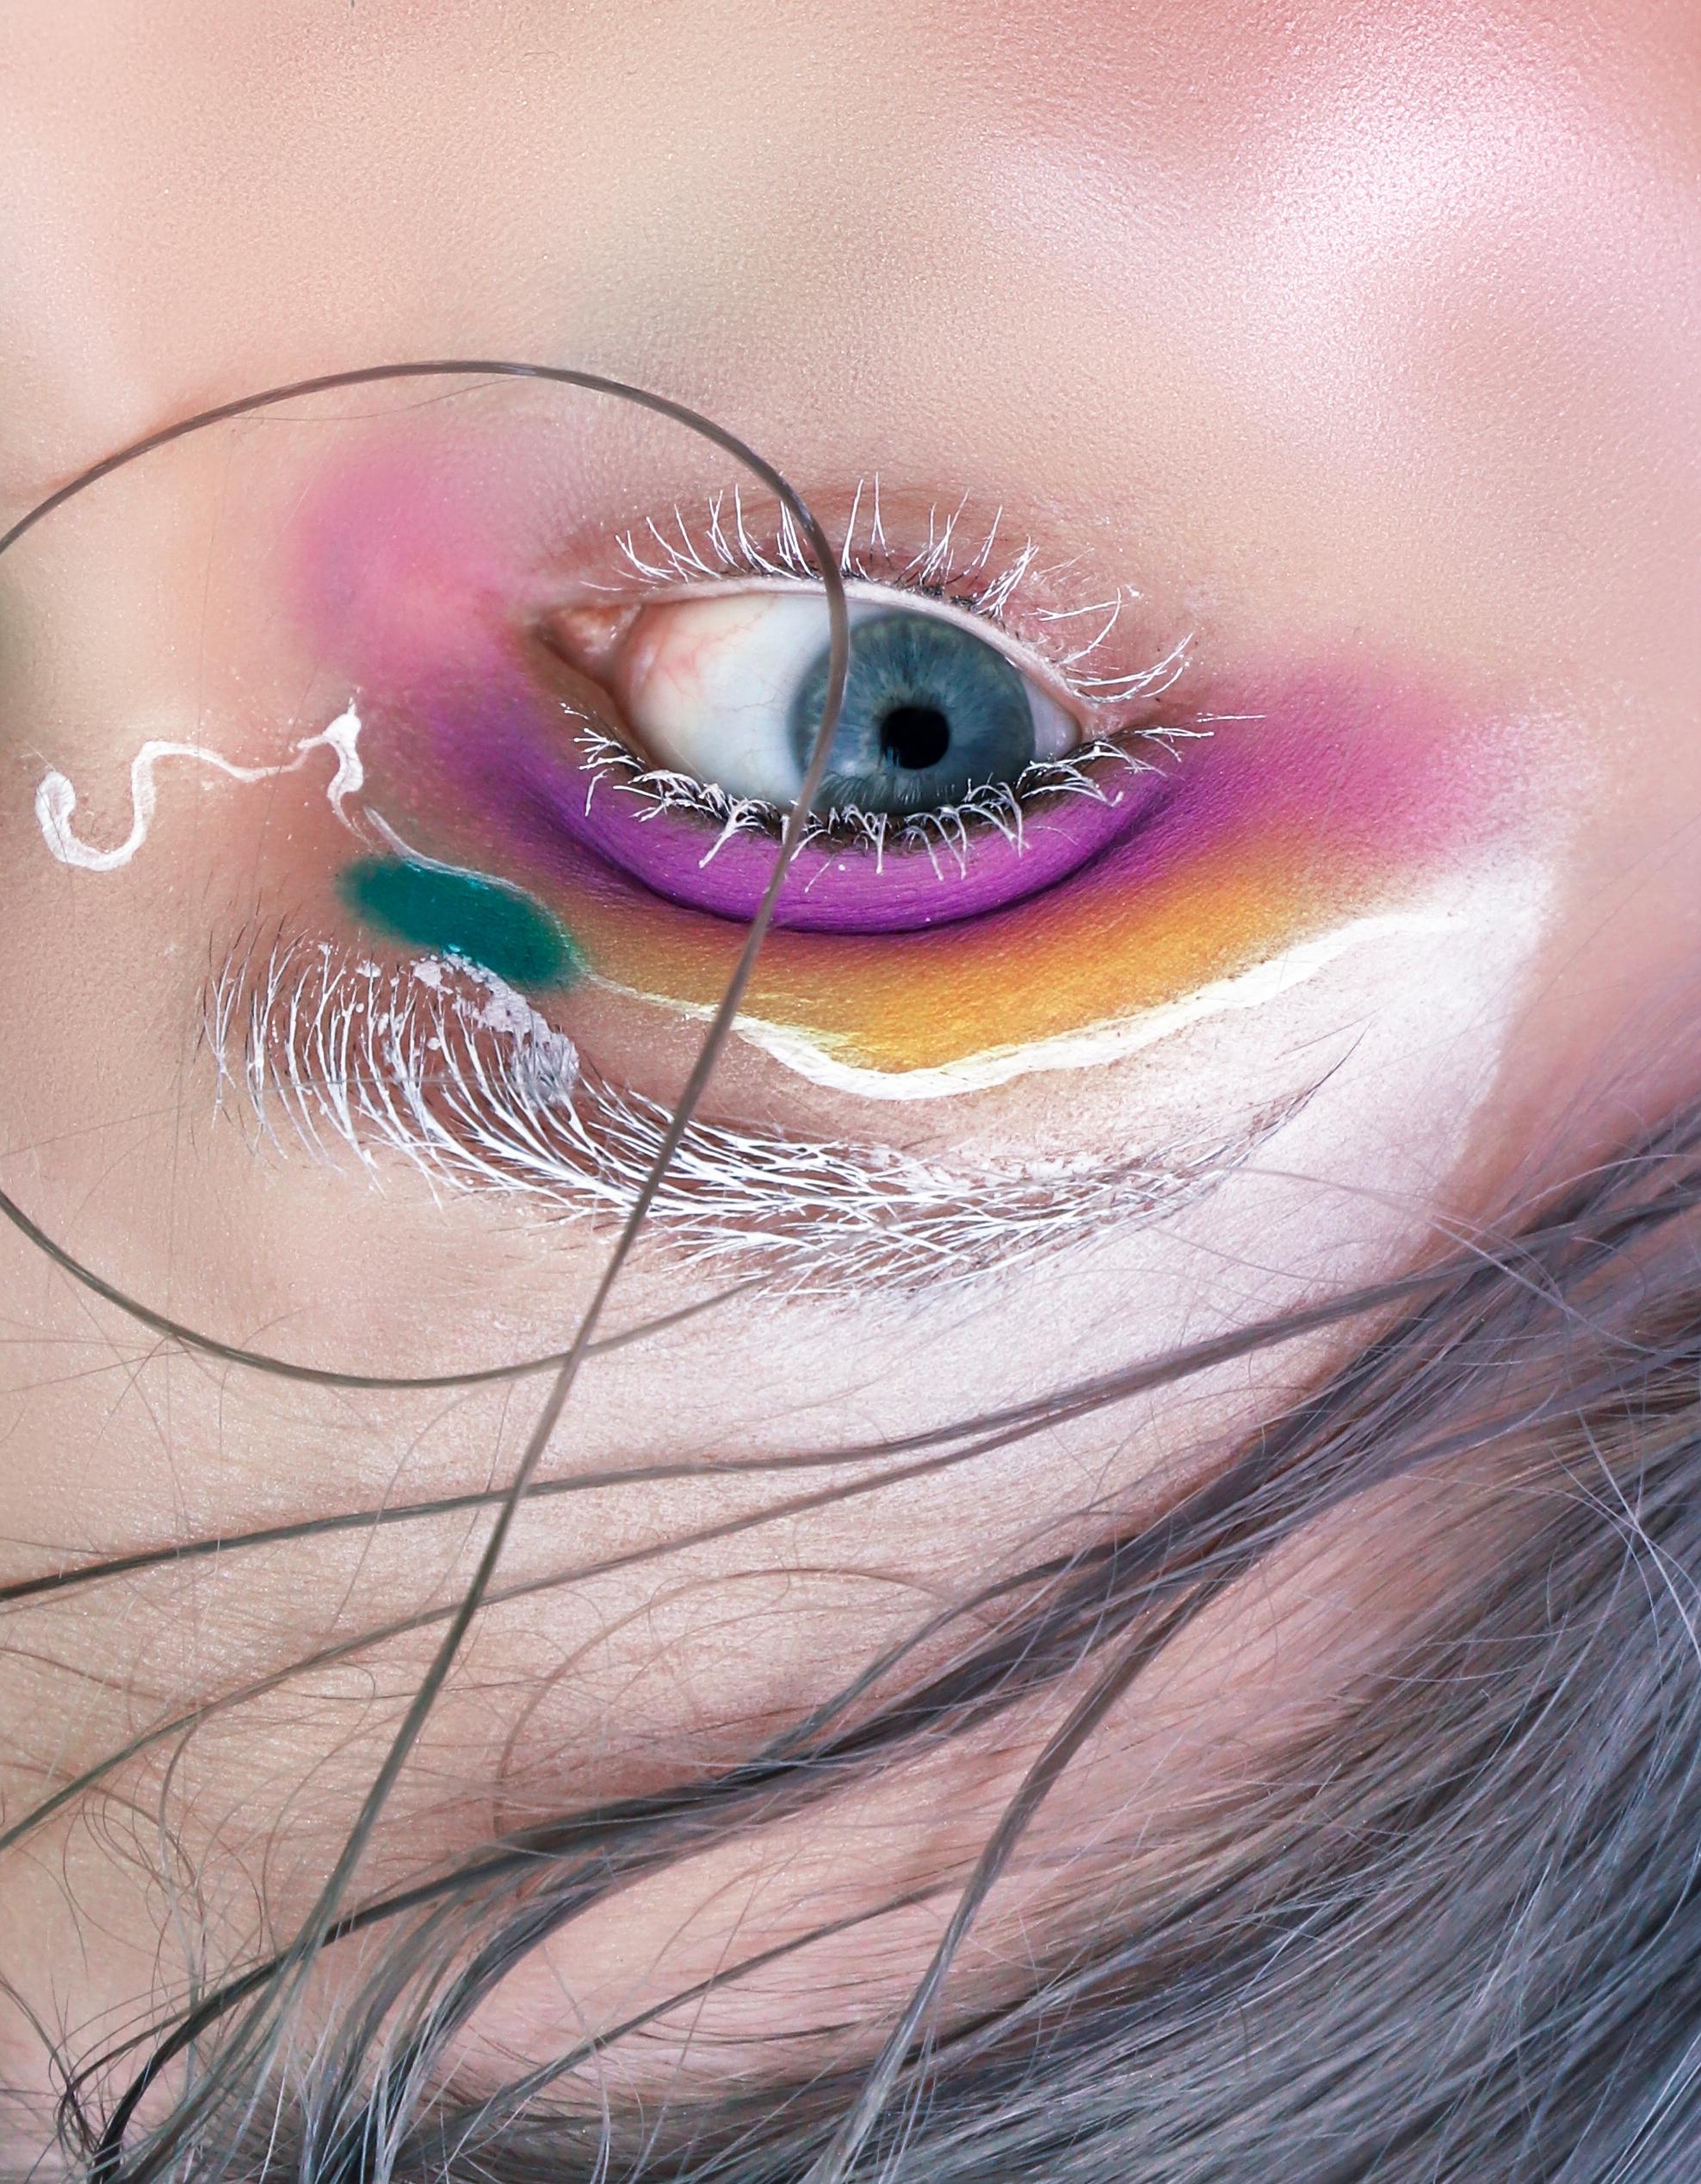 Zdjęcie przedstawia odwrócone oko w powiększeniu. Na powiece widzimy kolorowy makijaż.